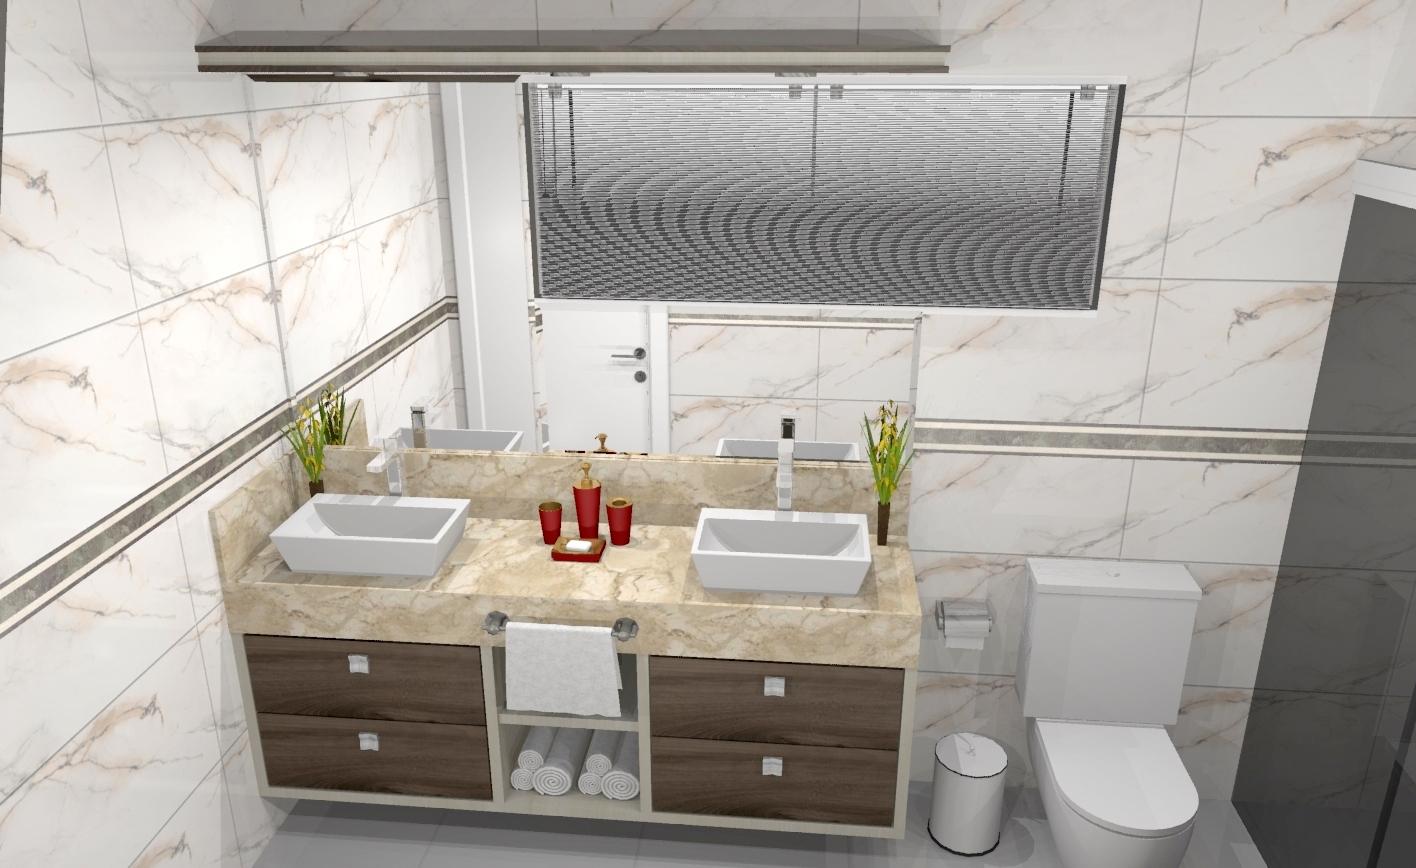 Banheiros » Apreciare móveis planejados #90773B 1416x868 Banheiro Com Banheira Planejado